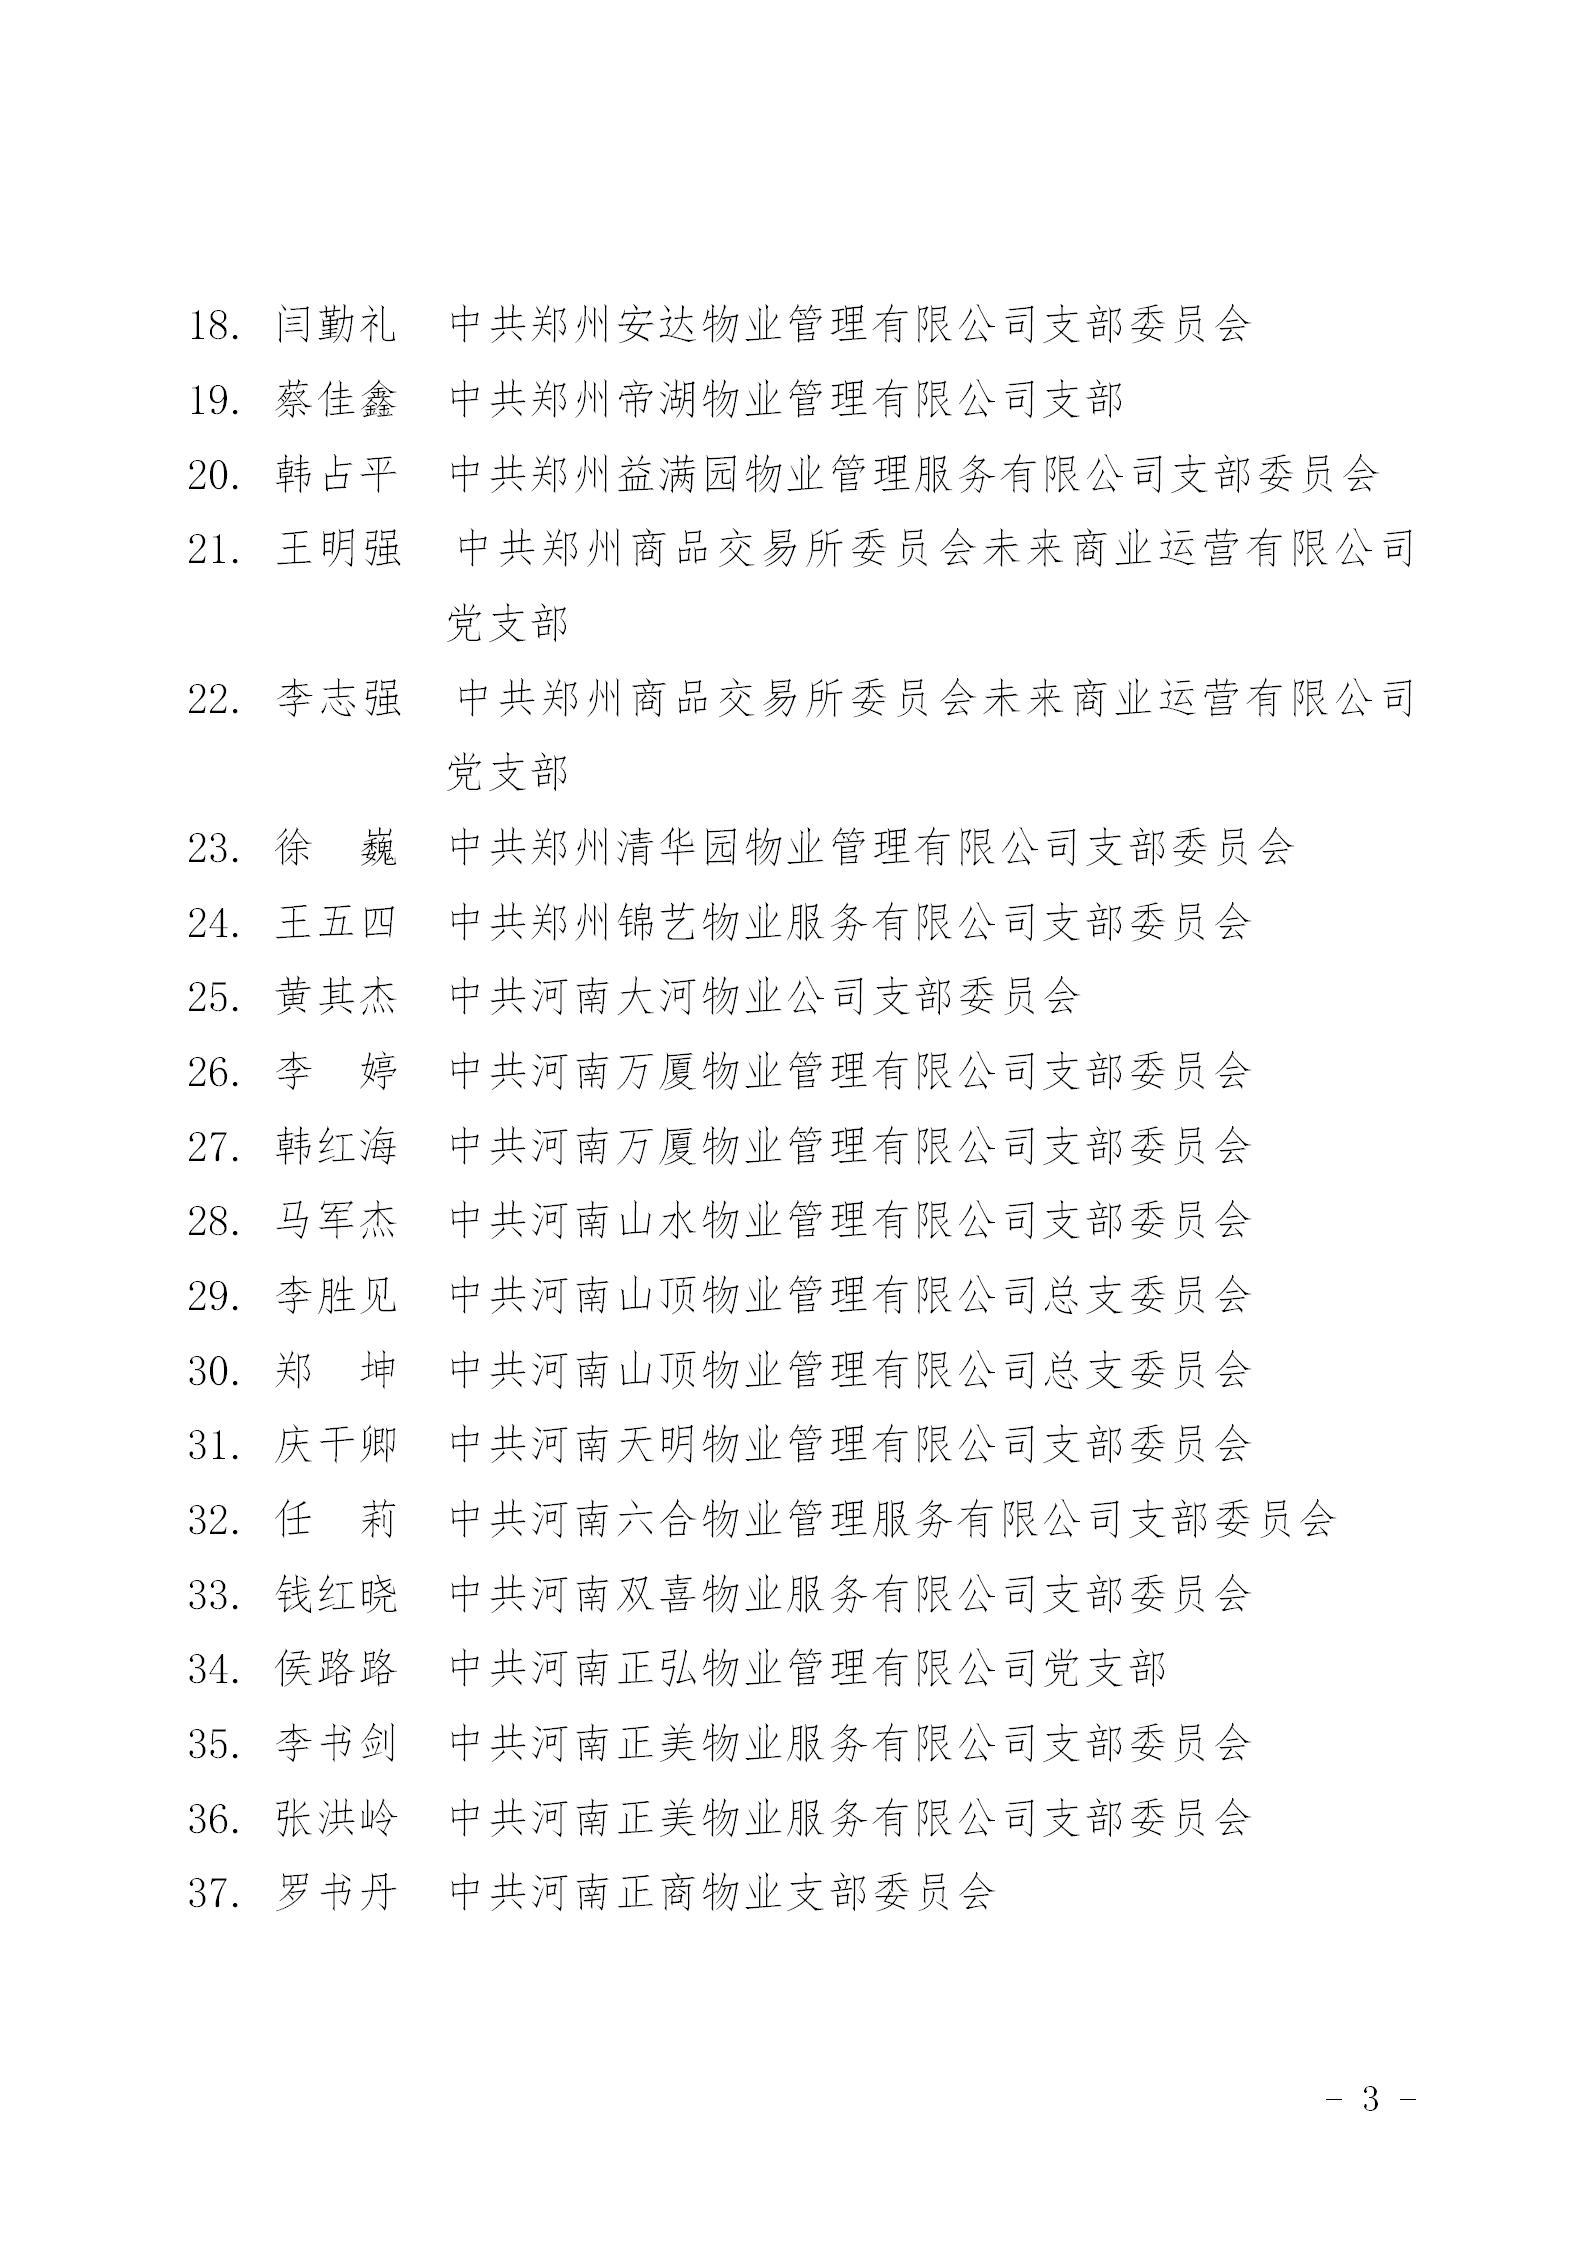 郑物行2021年03号文-决定_03.jpg